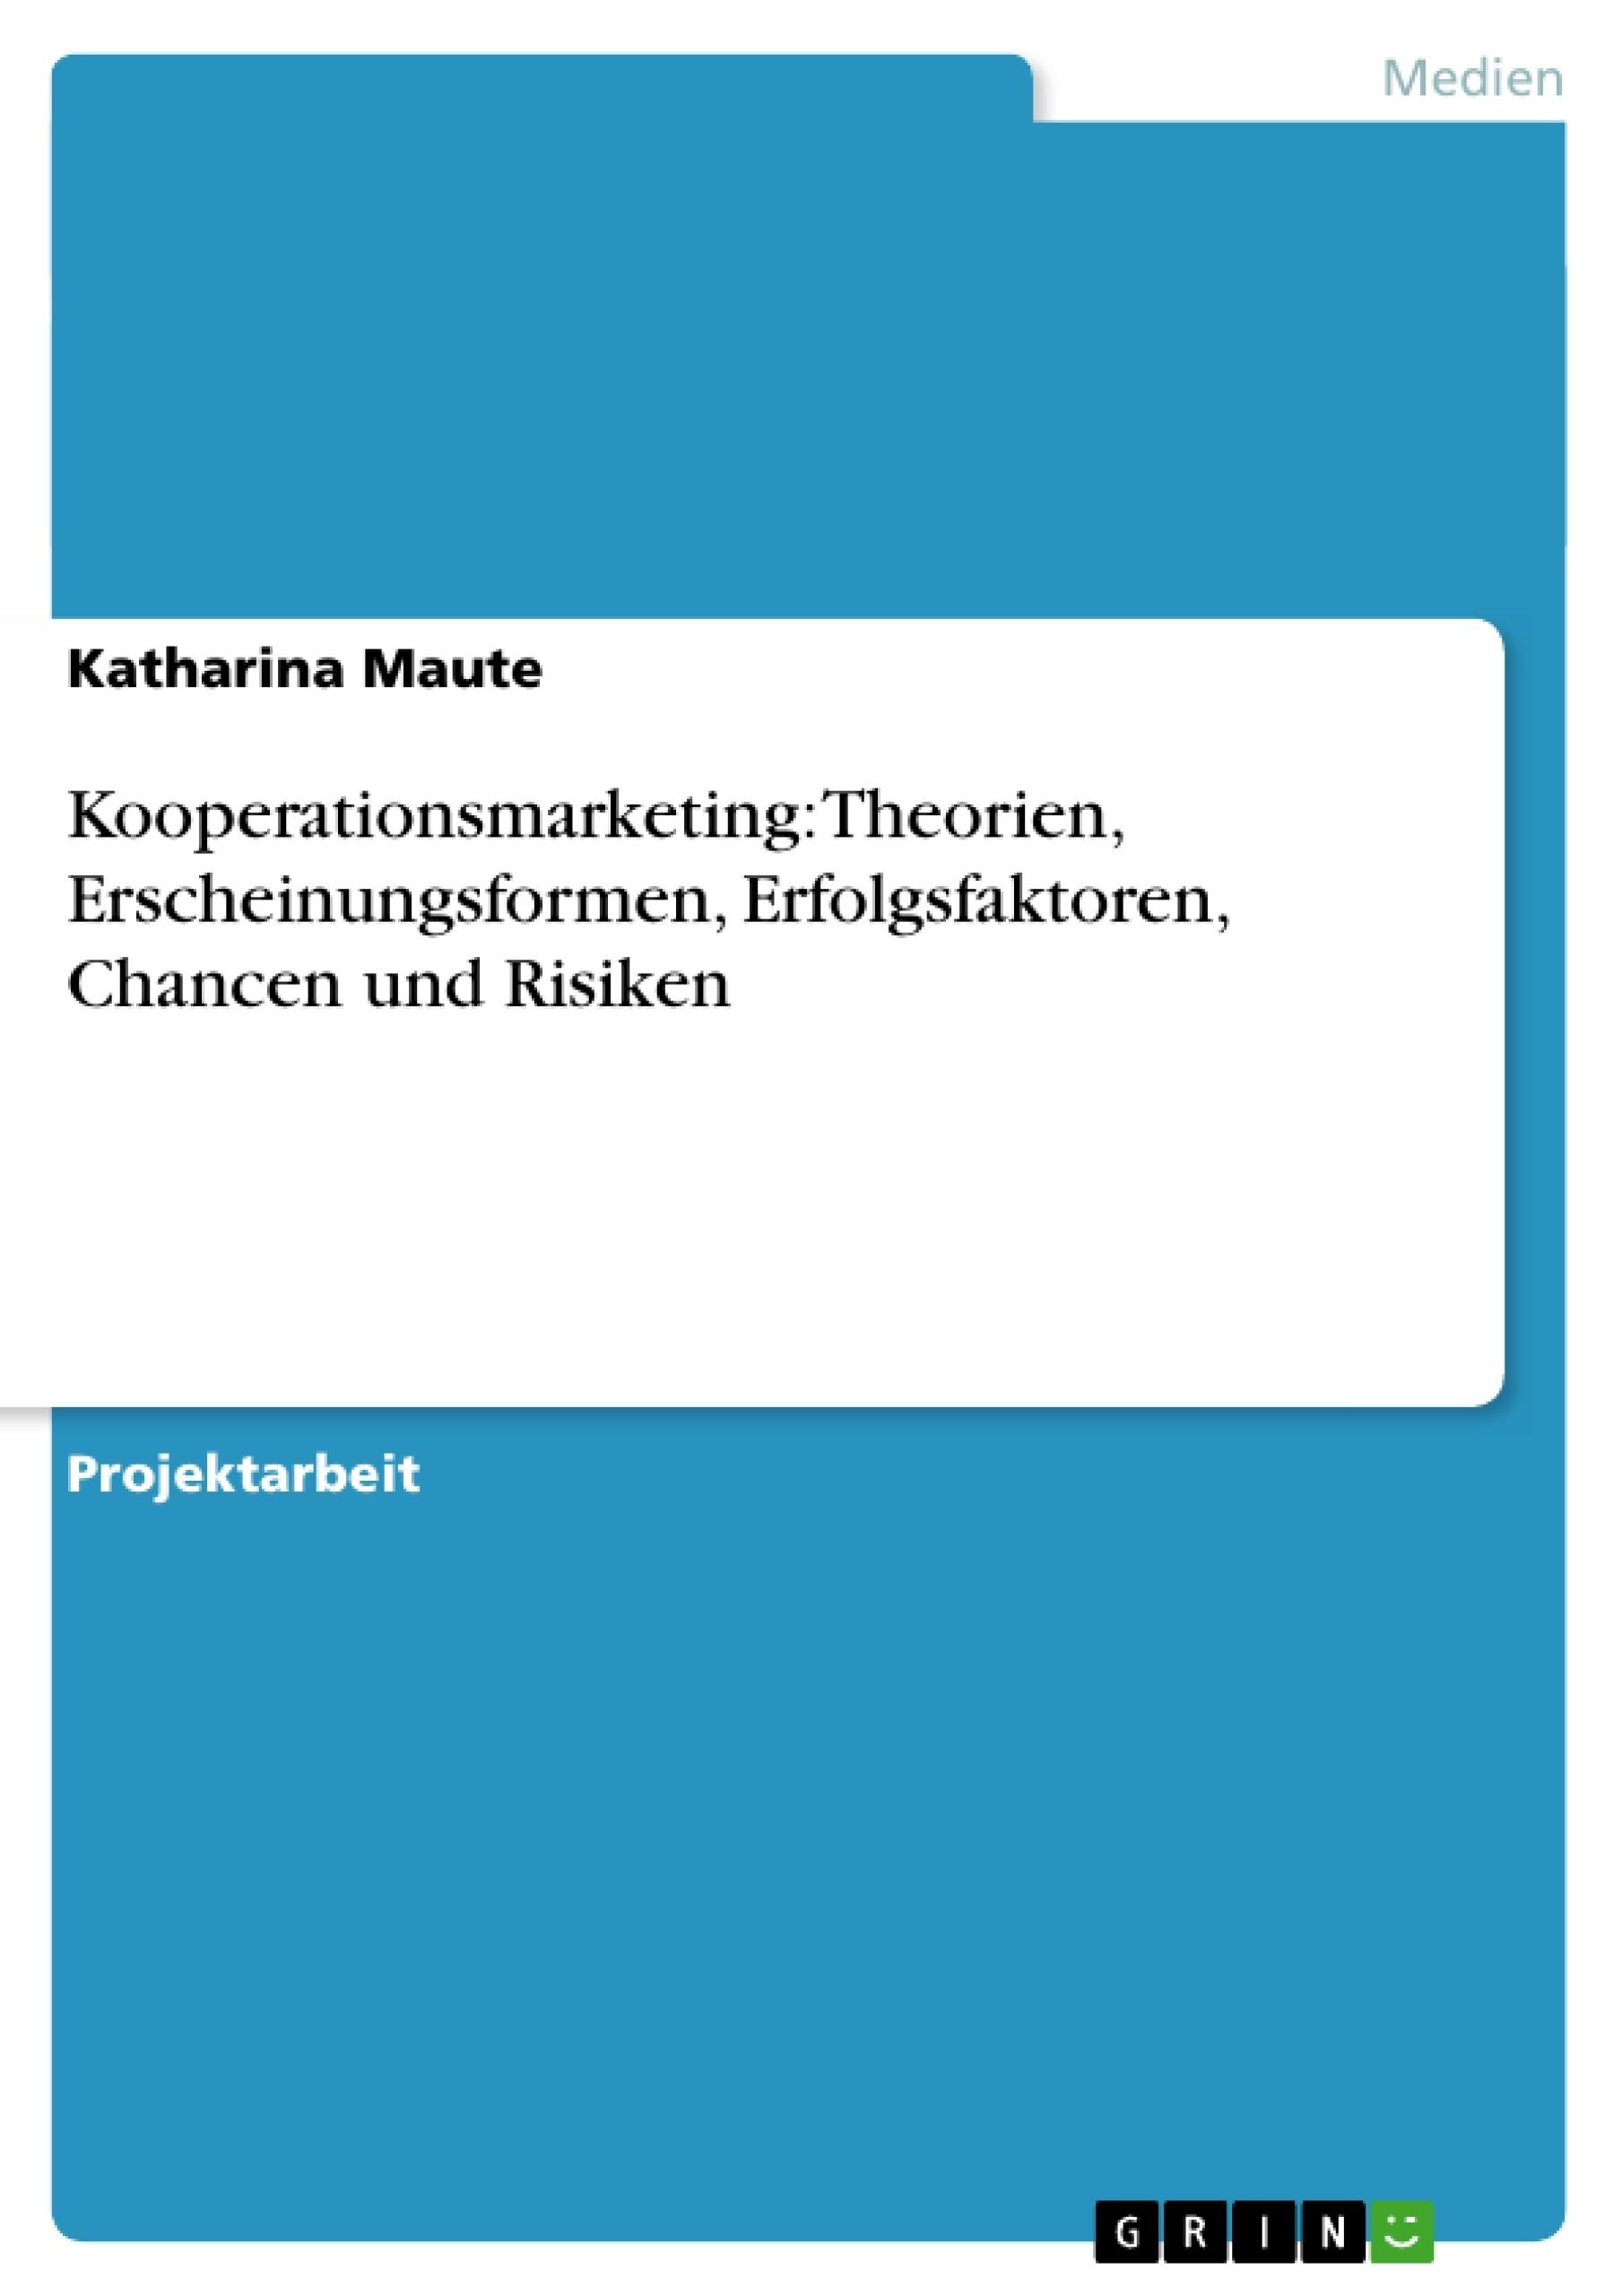 Titel: Kooperationsmarketing: Theorien, Erscheinungsformen, Erfolgsfaktoren, Chancen und Risiken